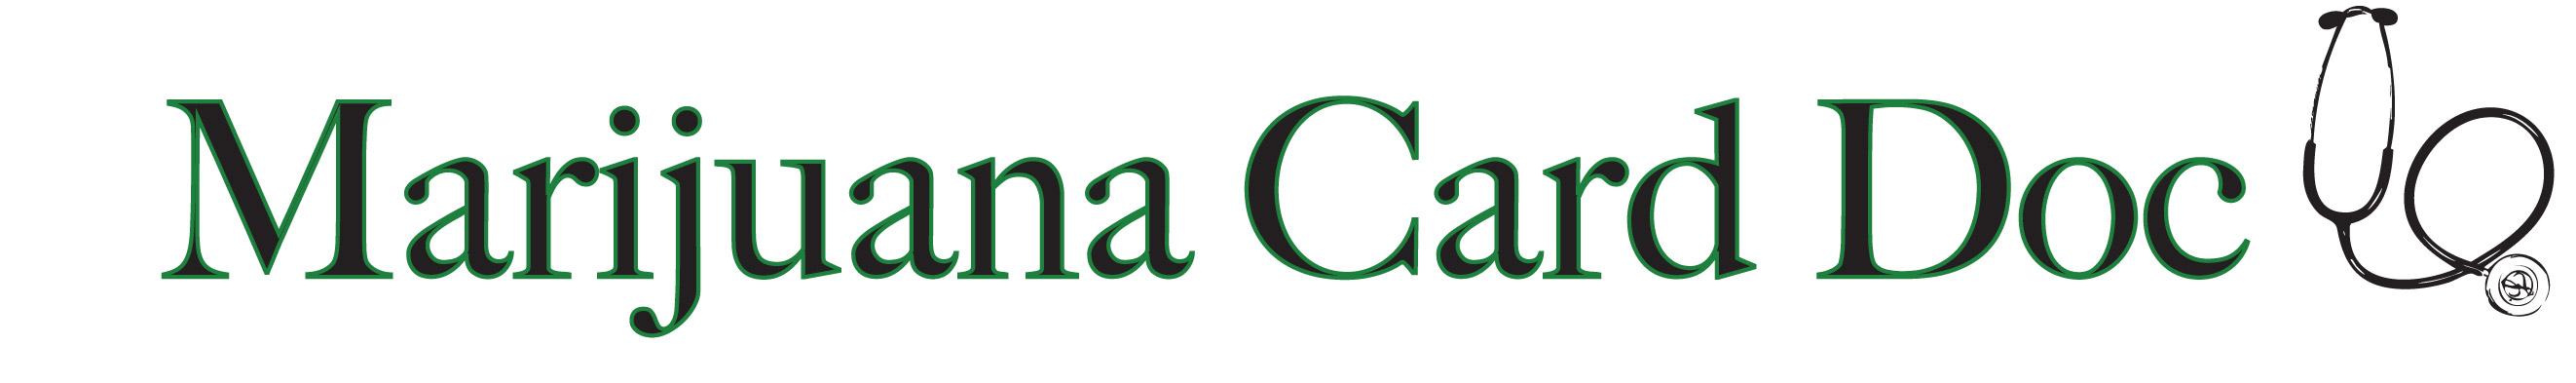 Marijuanacarddoc